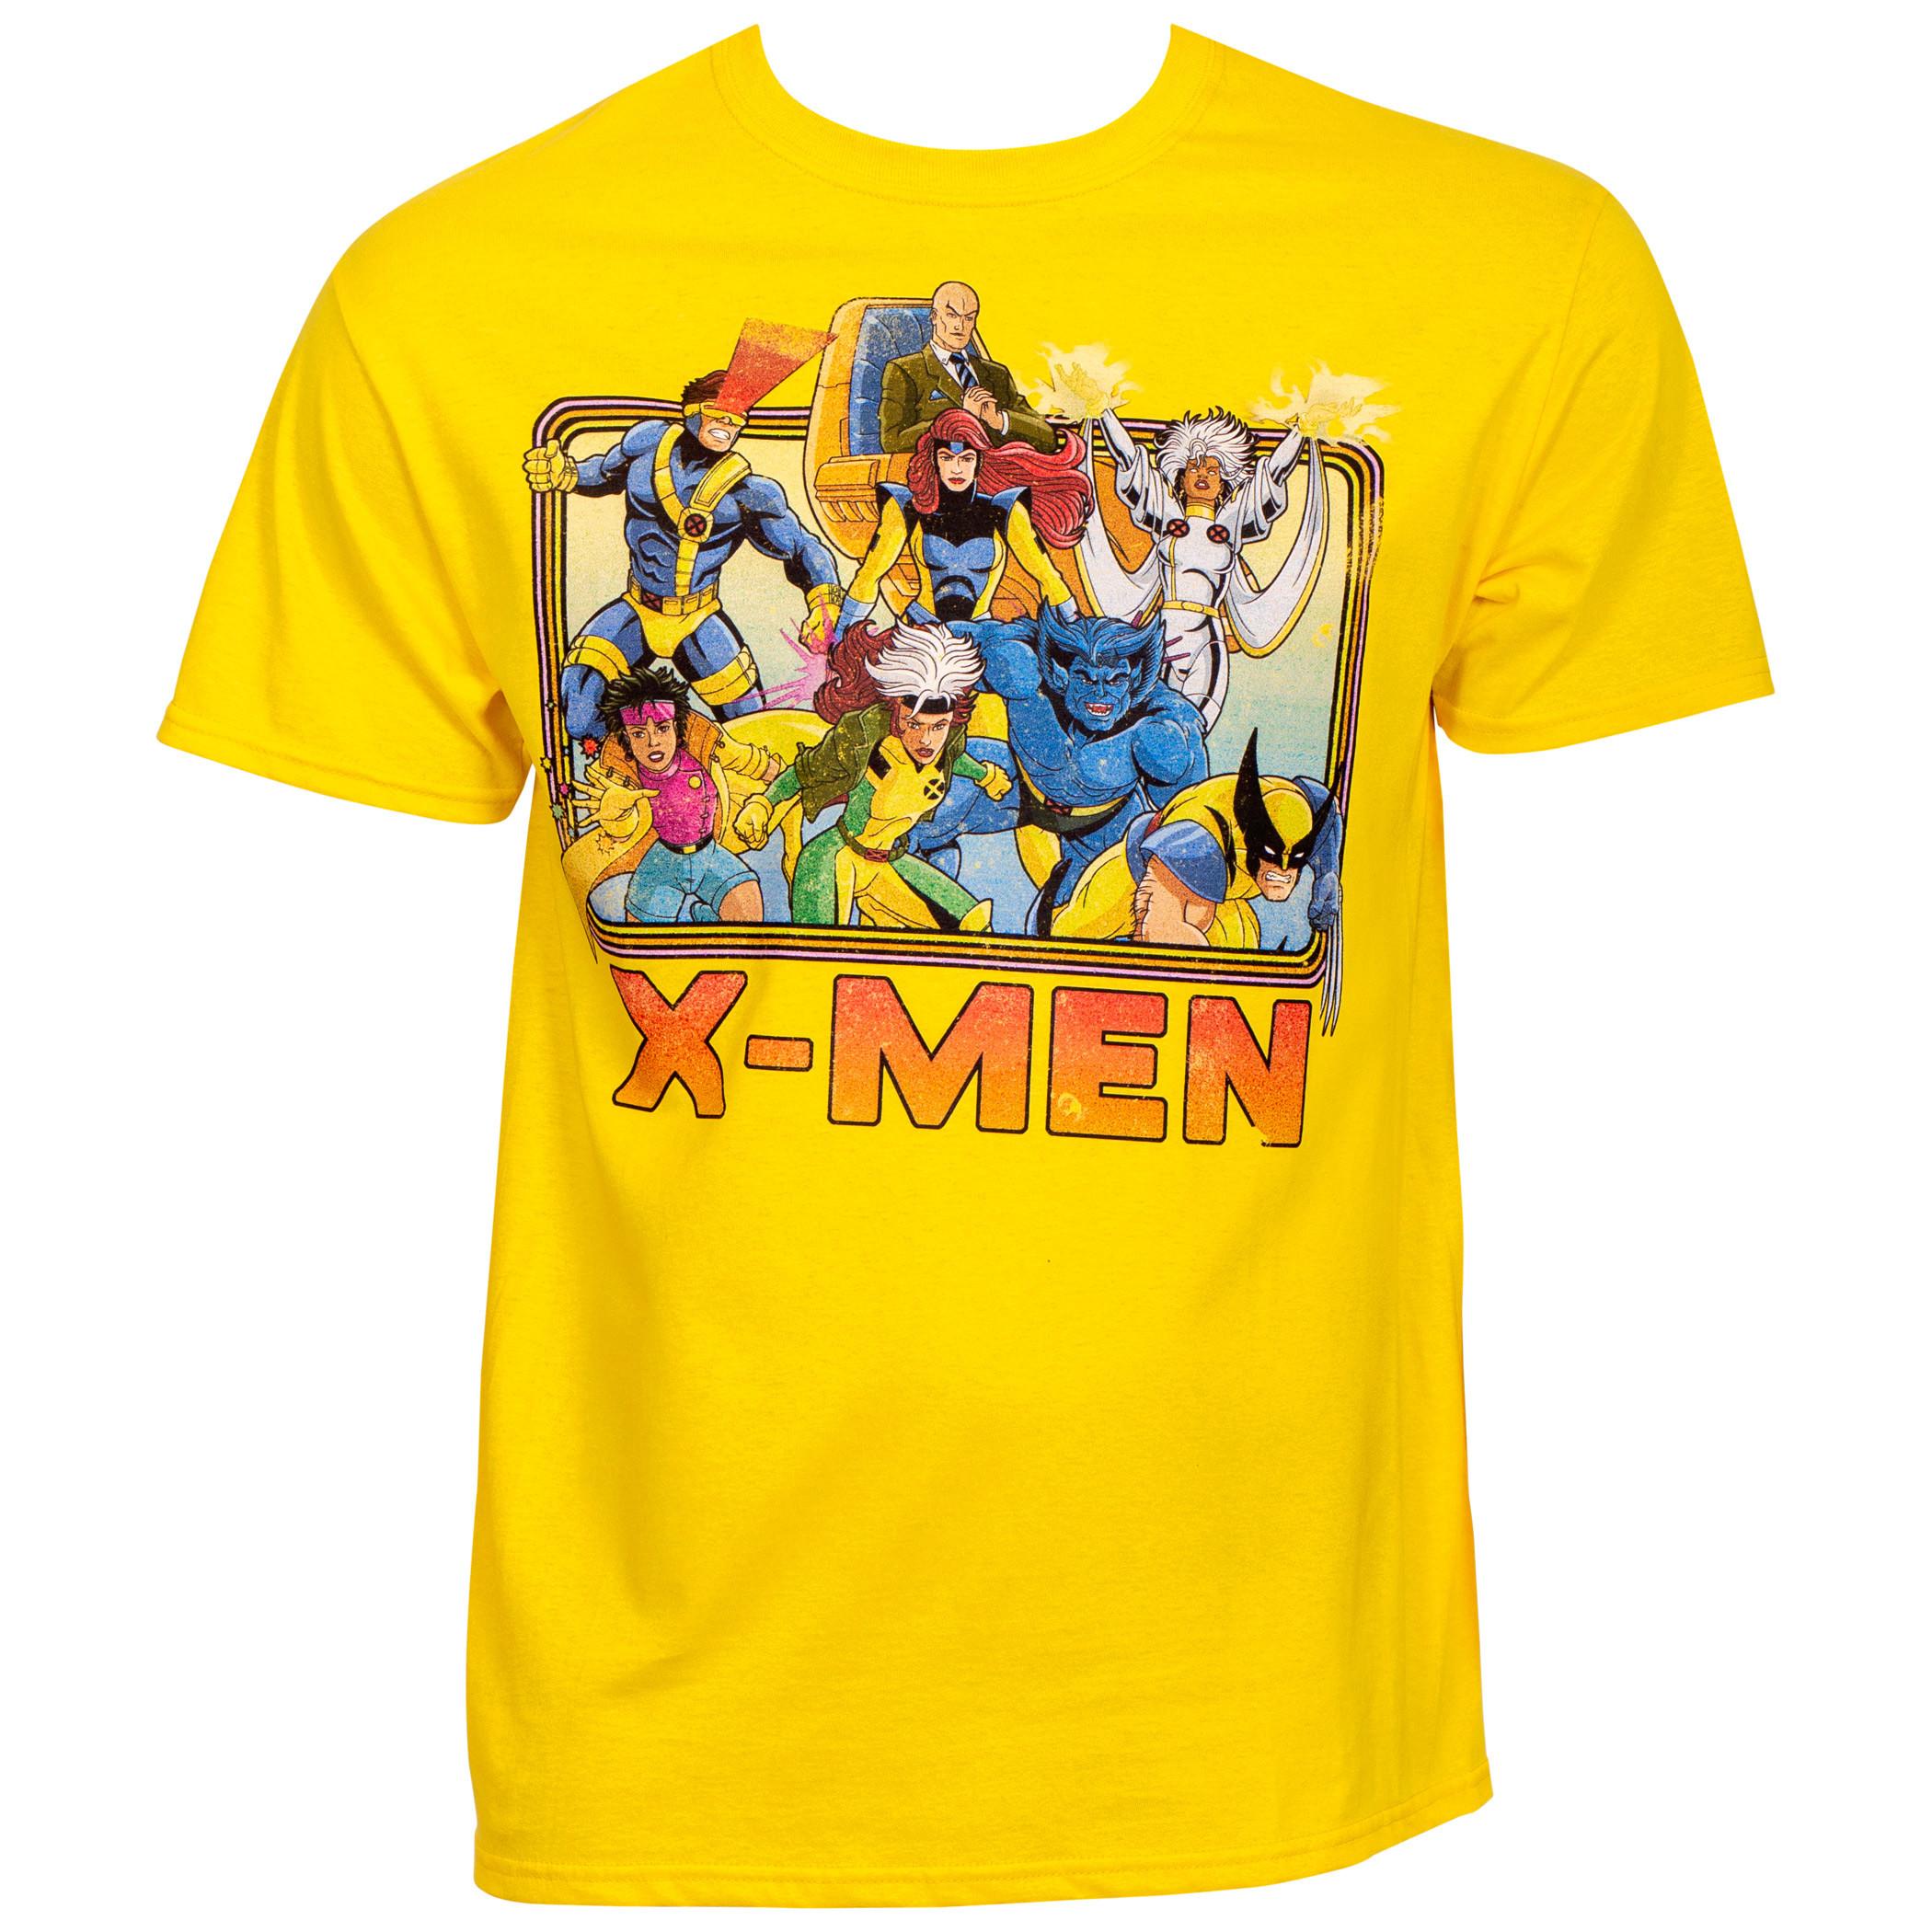 Marvel X-Men 90's Cartoon Lineup T-Shirt